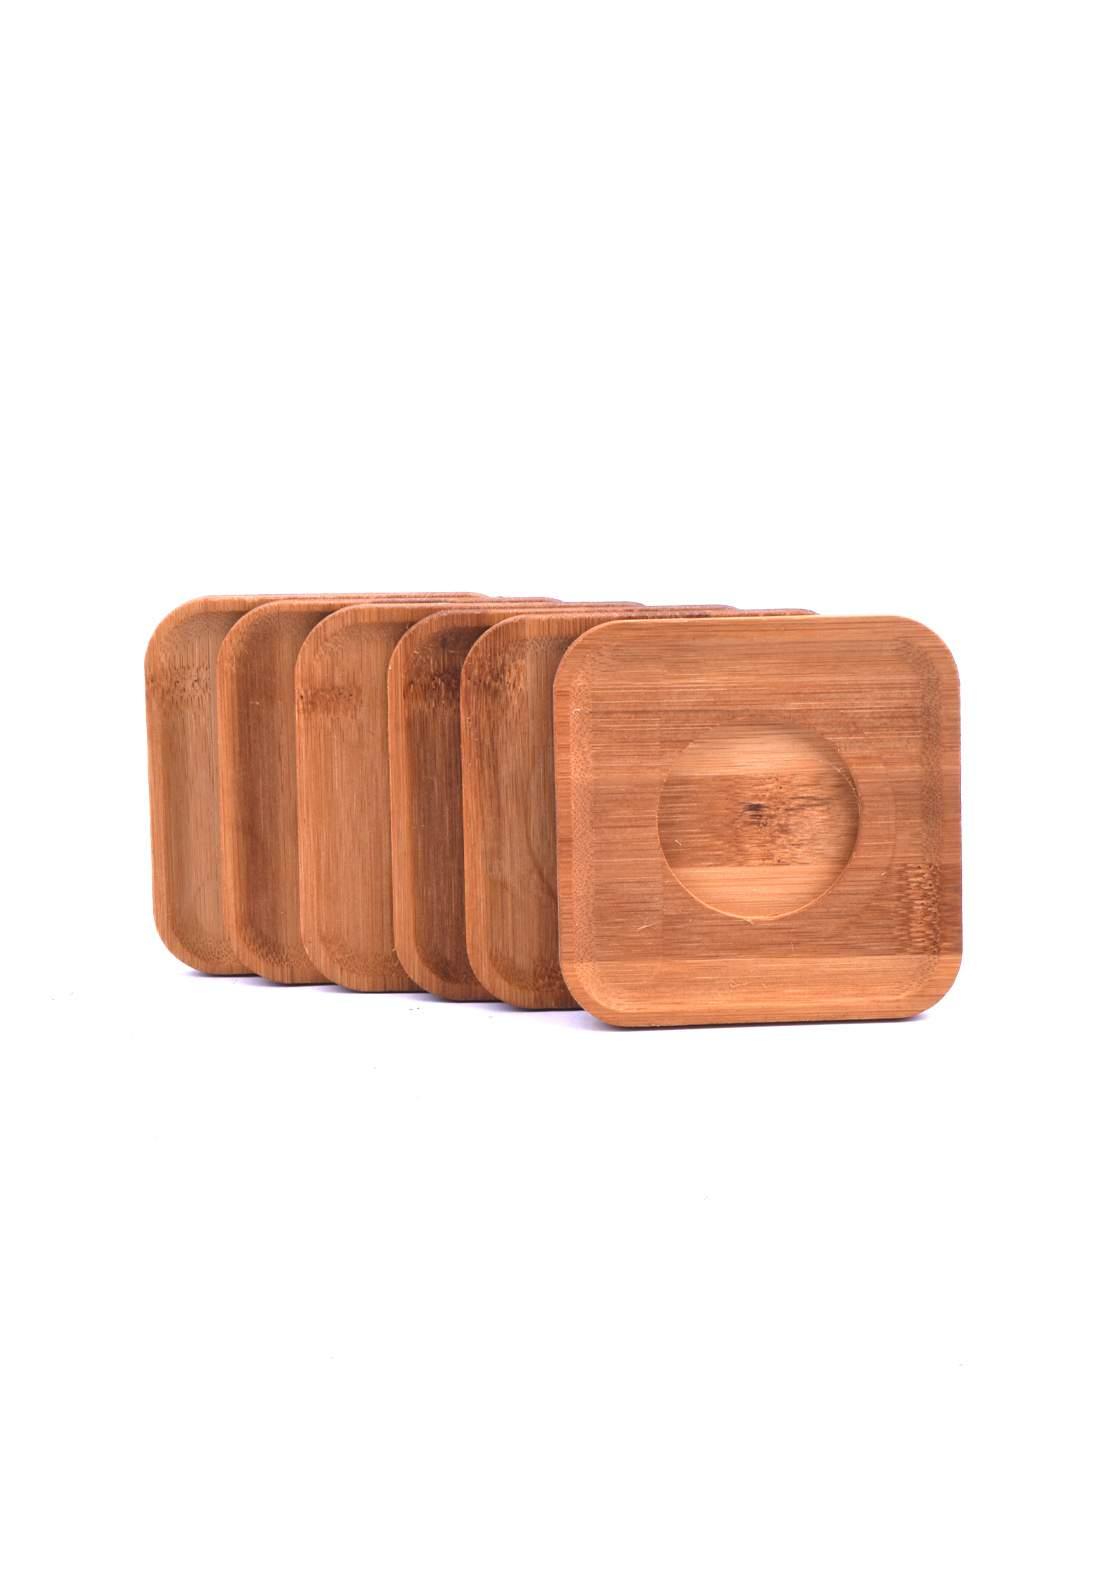 صحن خشبي مربع متعدد الاستخدام6388